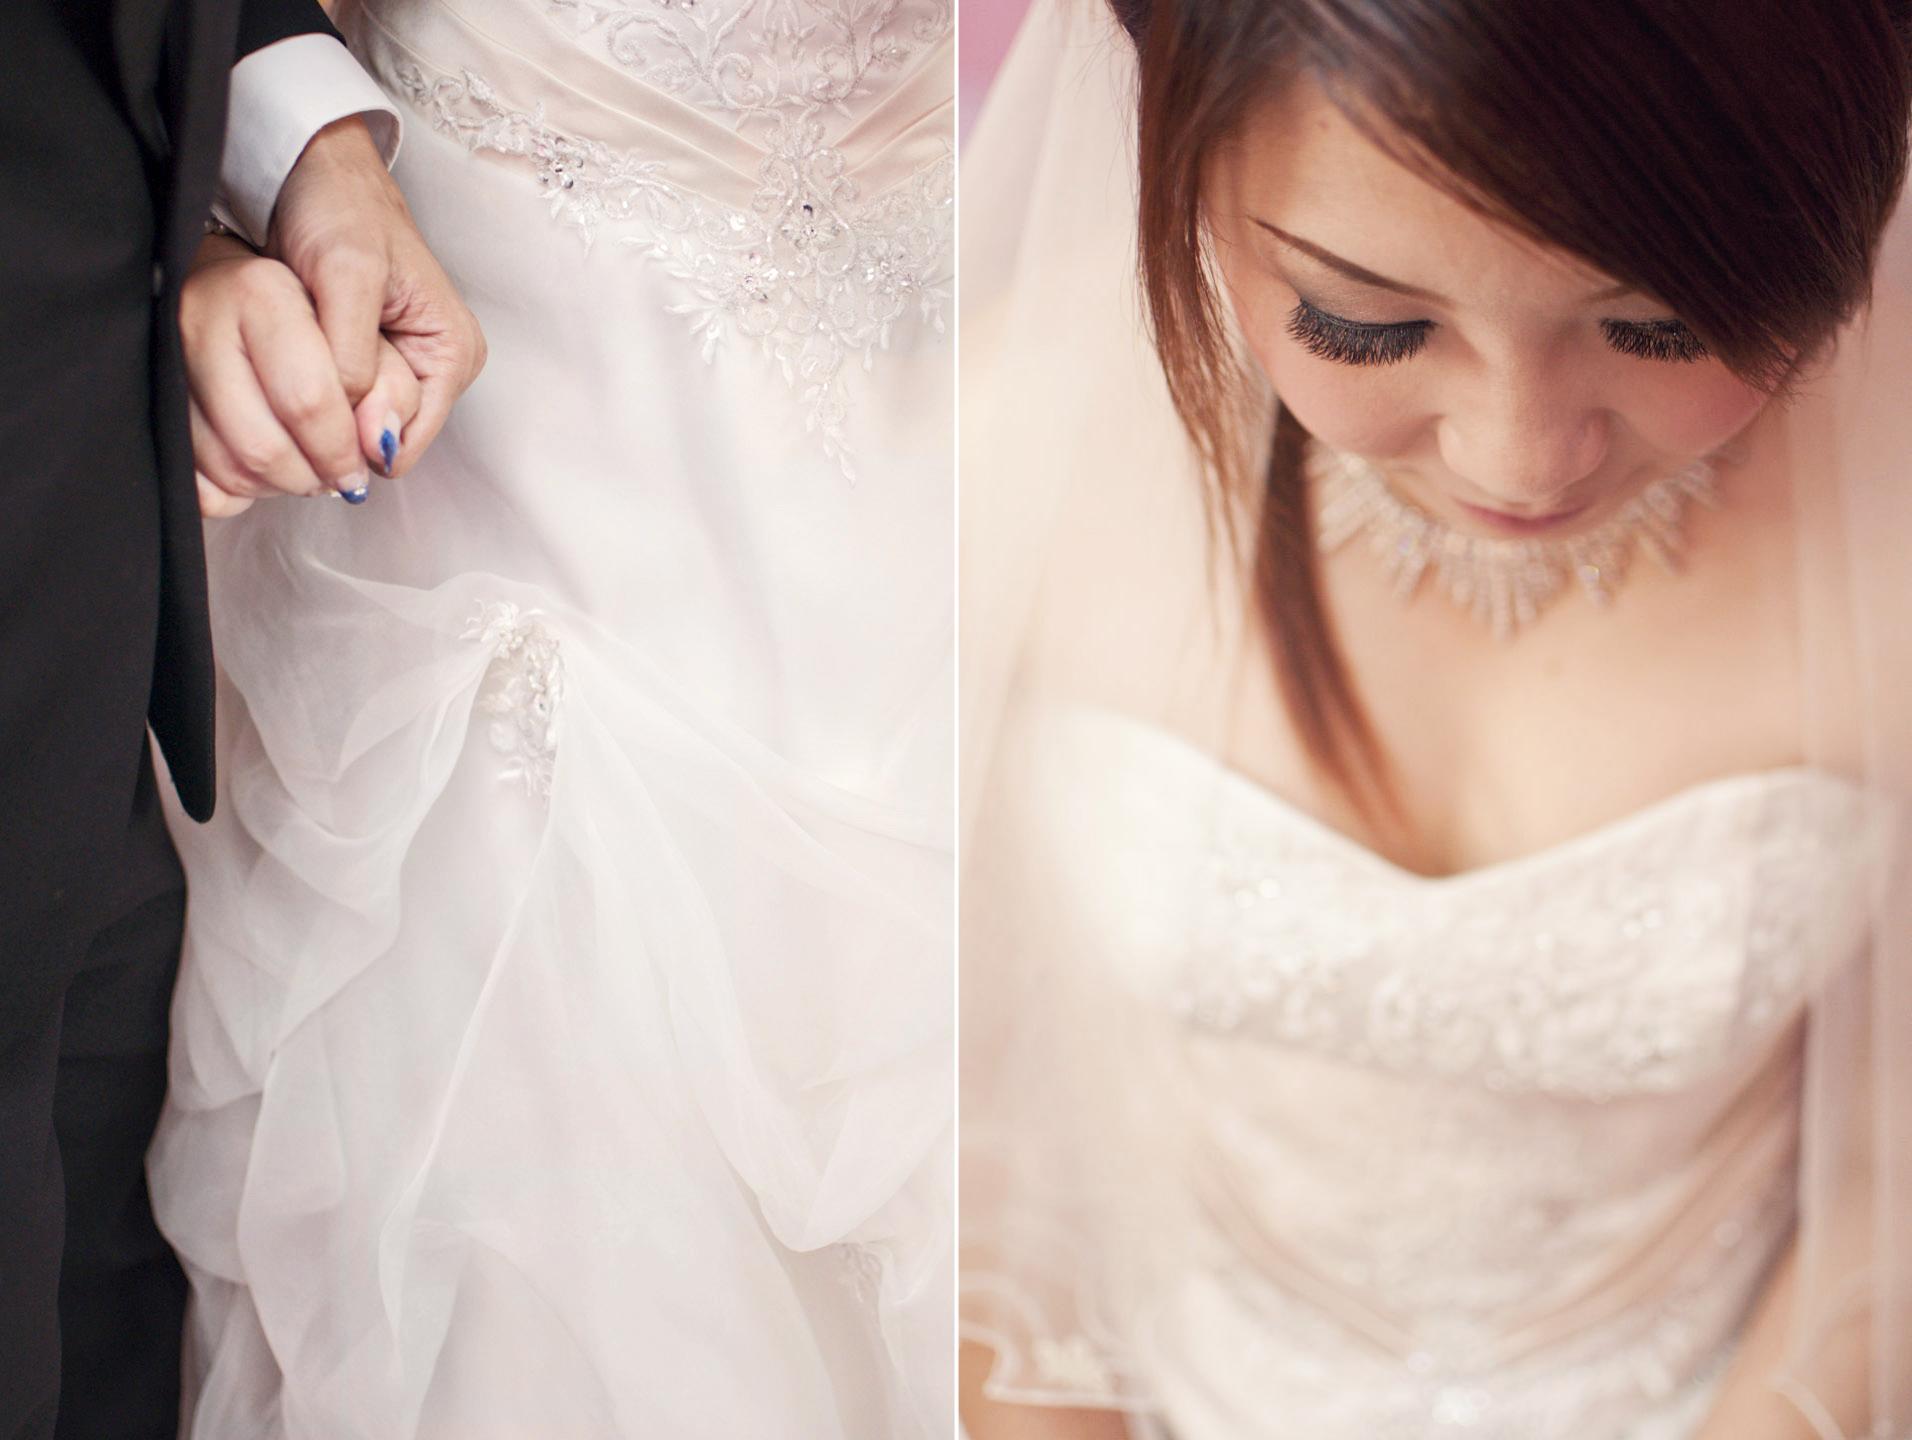 wedding photographer malaysia, ipoh wedding photographer, ipoh photographer, wedding actual day, the chapter, joel ong, bel koo